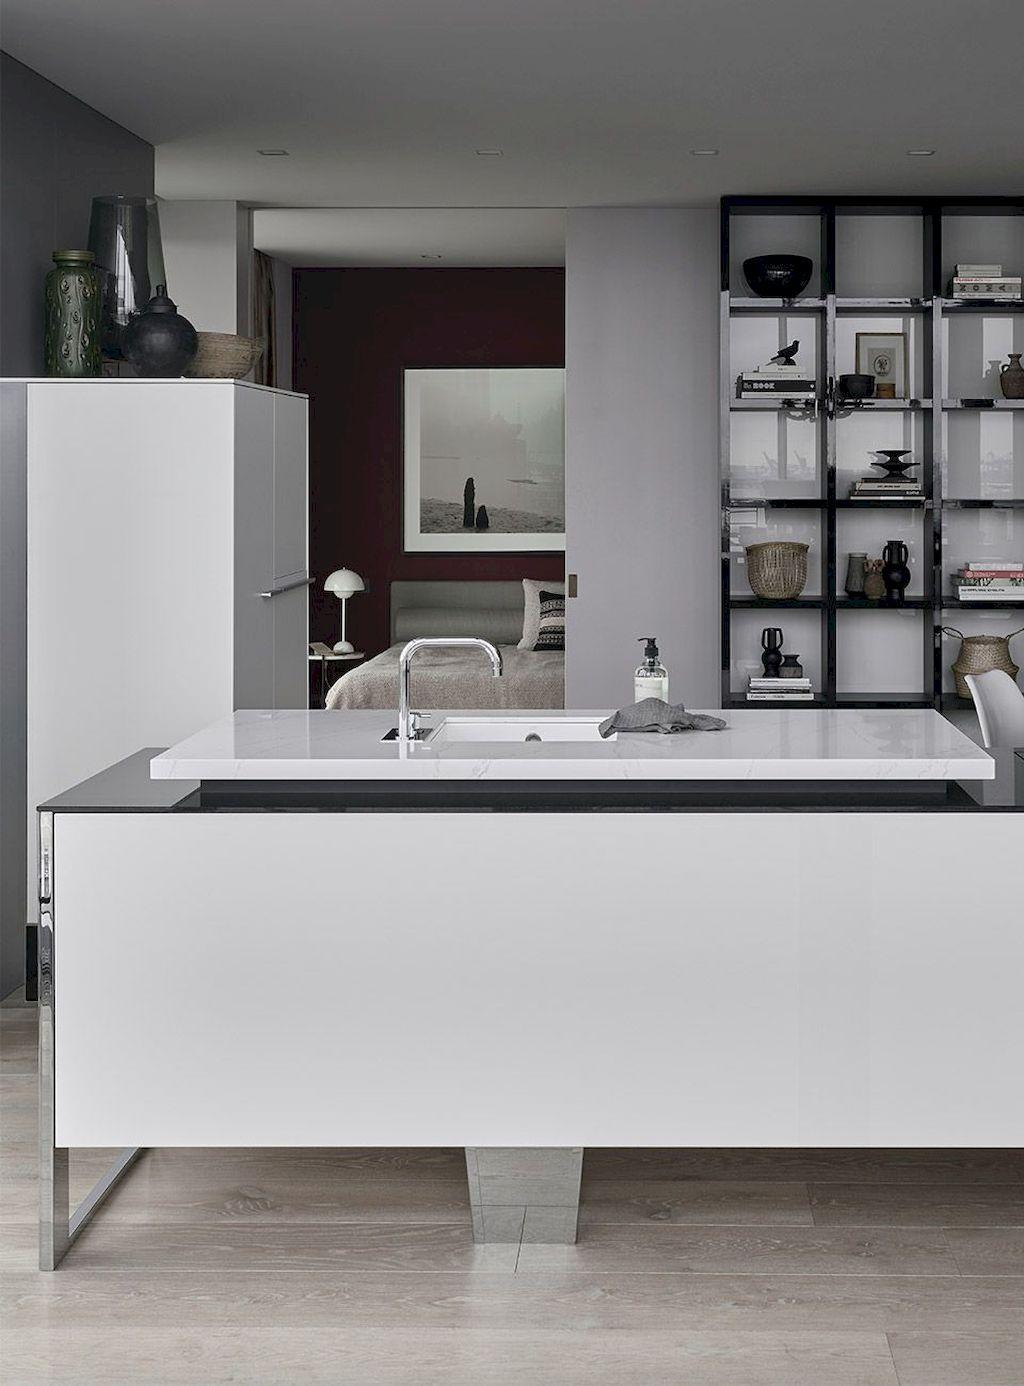 Kitchen Sink027